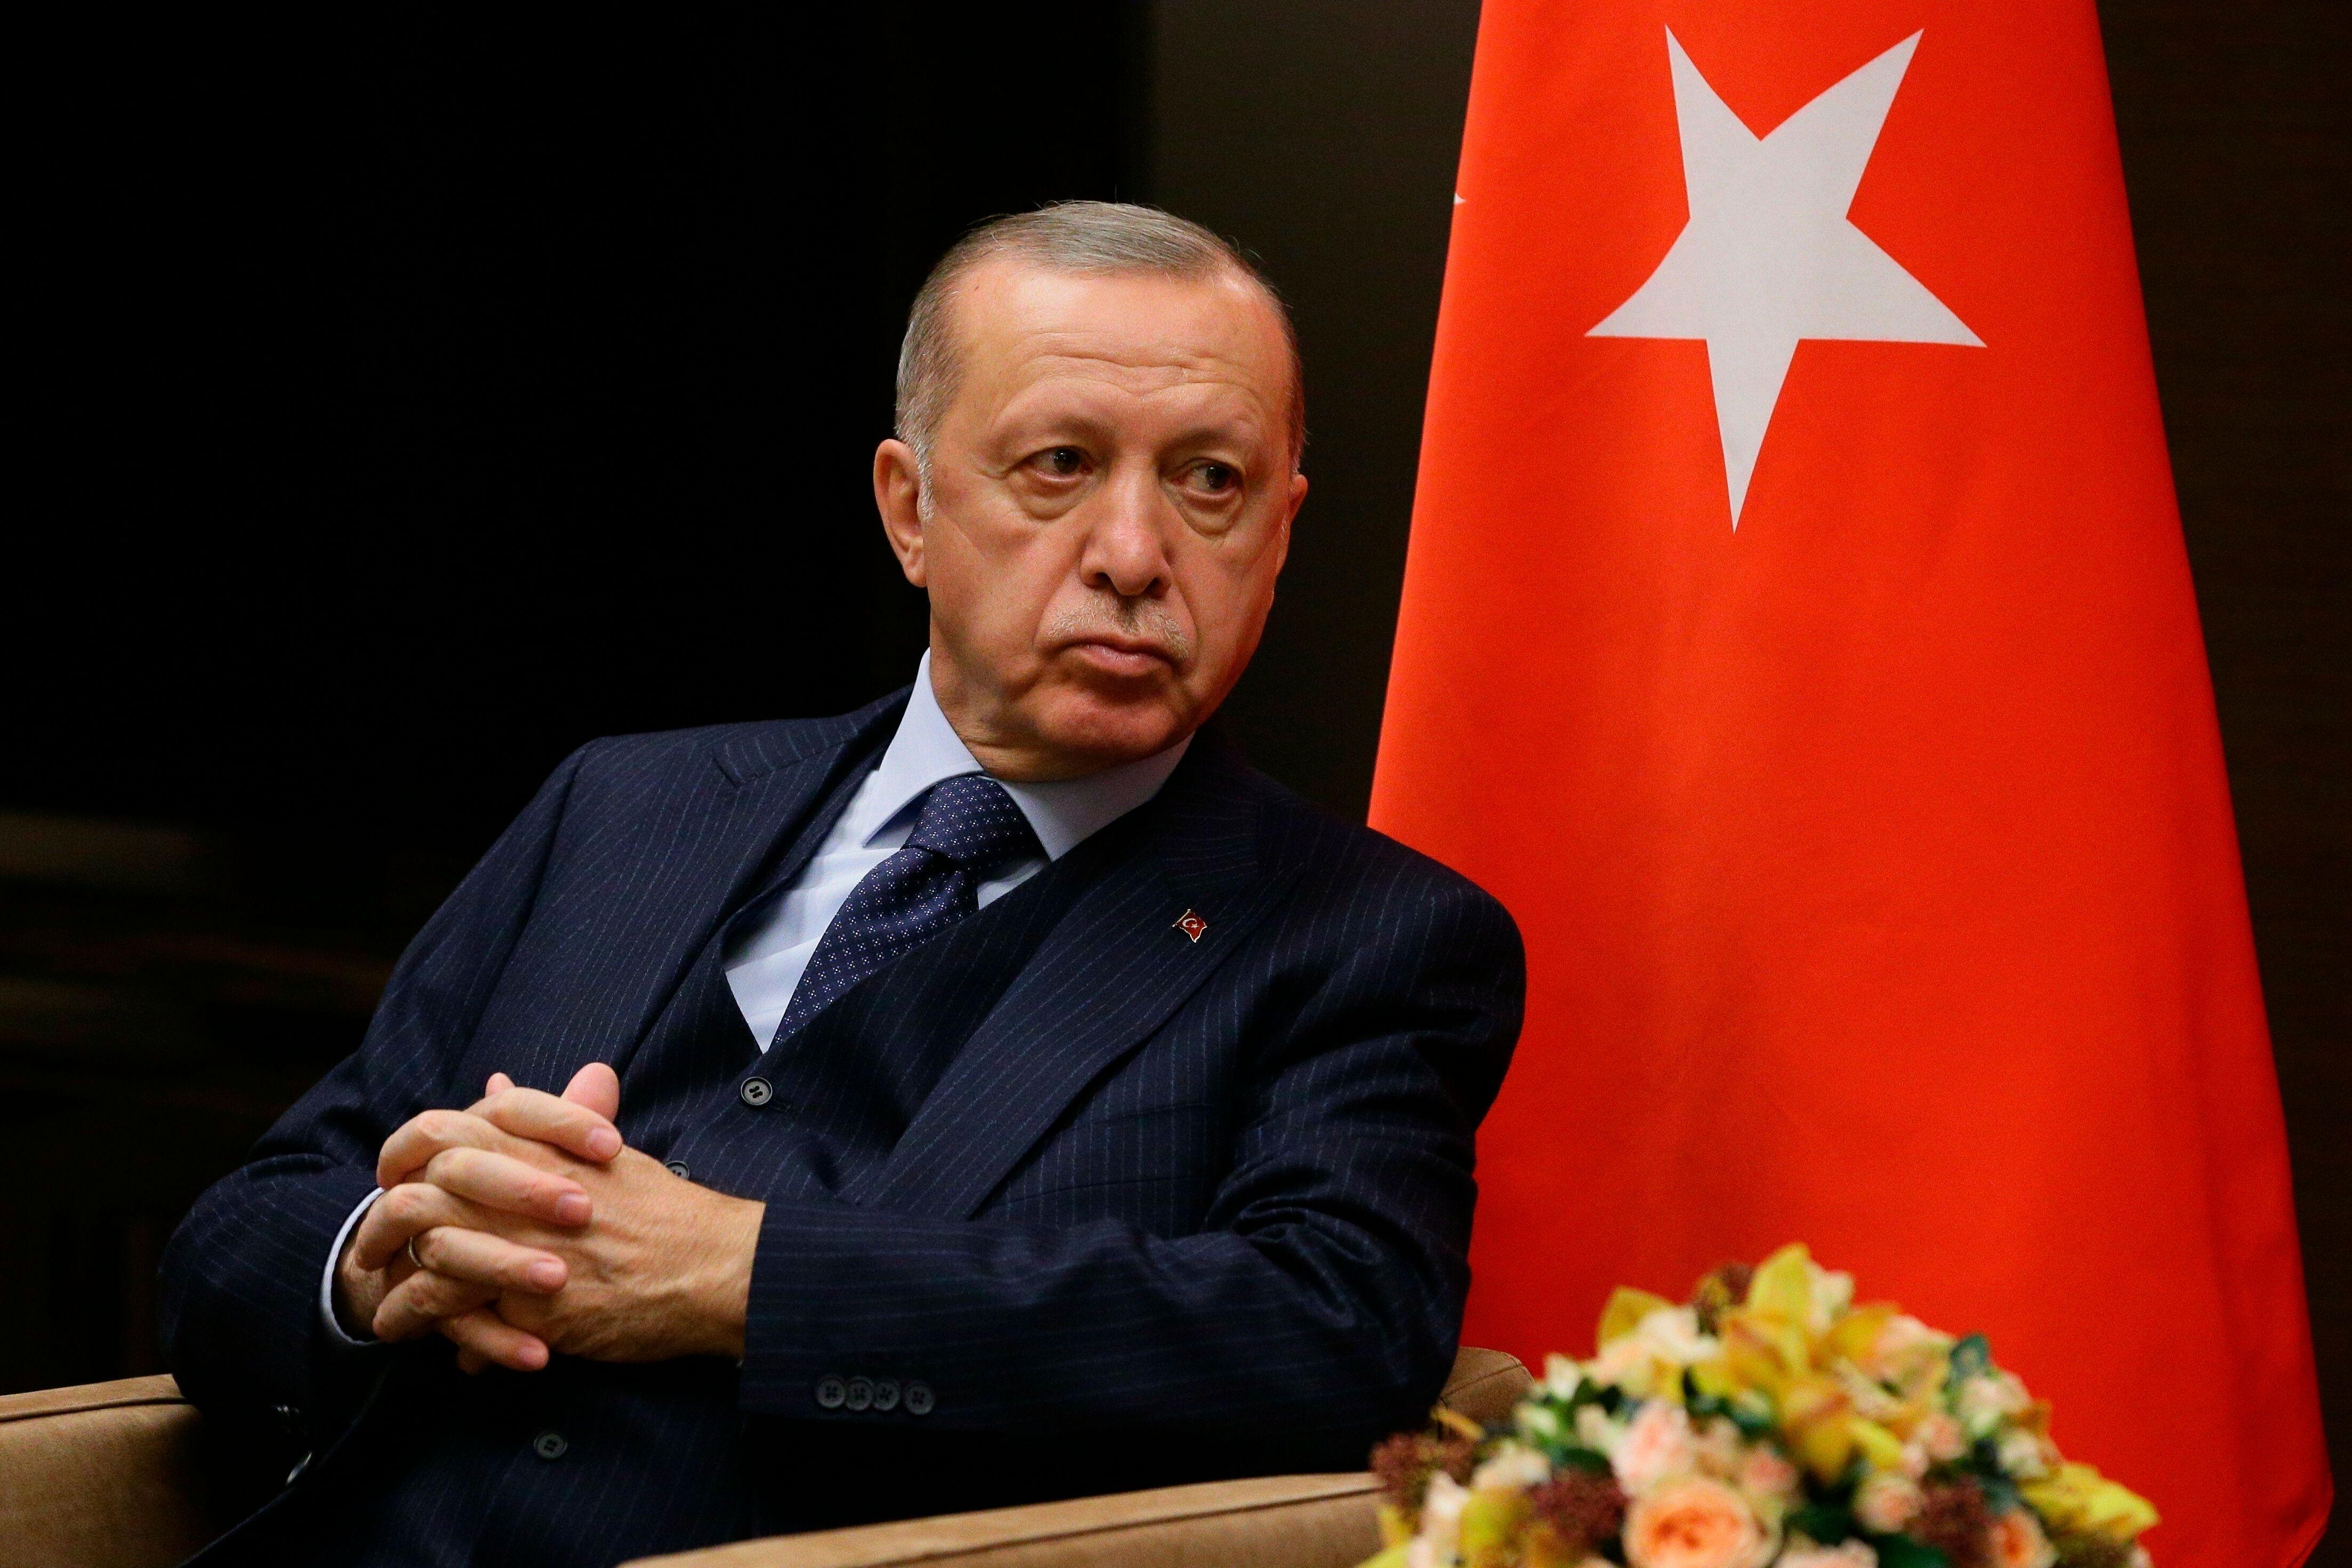 À trois semaines de la COP26, la Turquie ratifie l'Accord de Paris (photo du 29 septembre